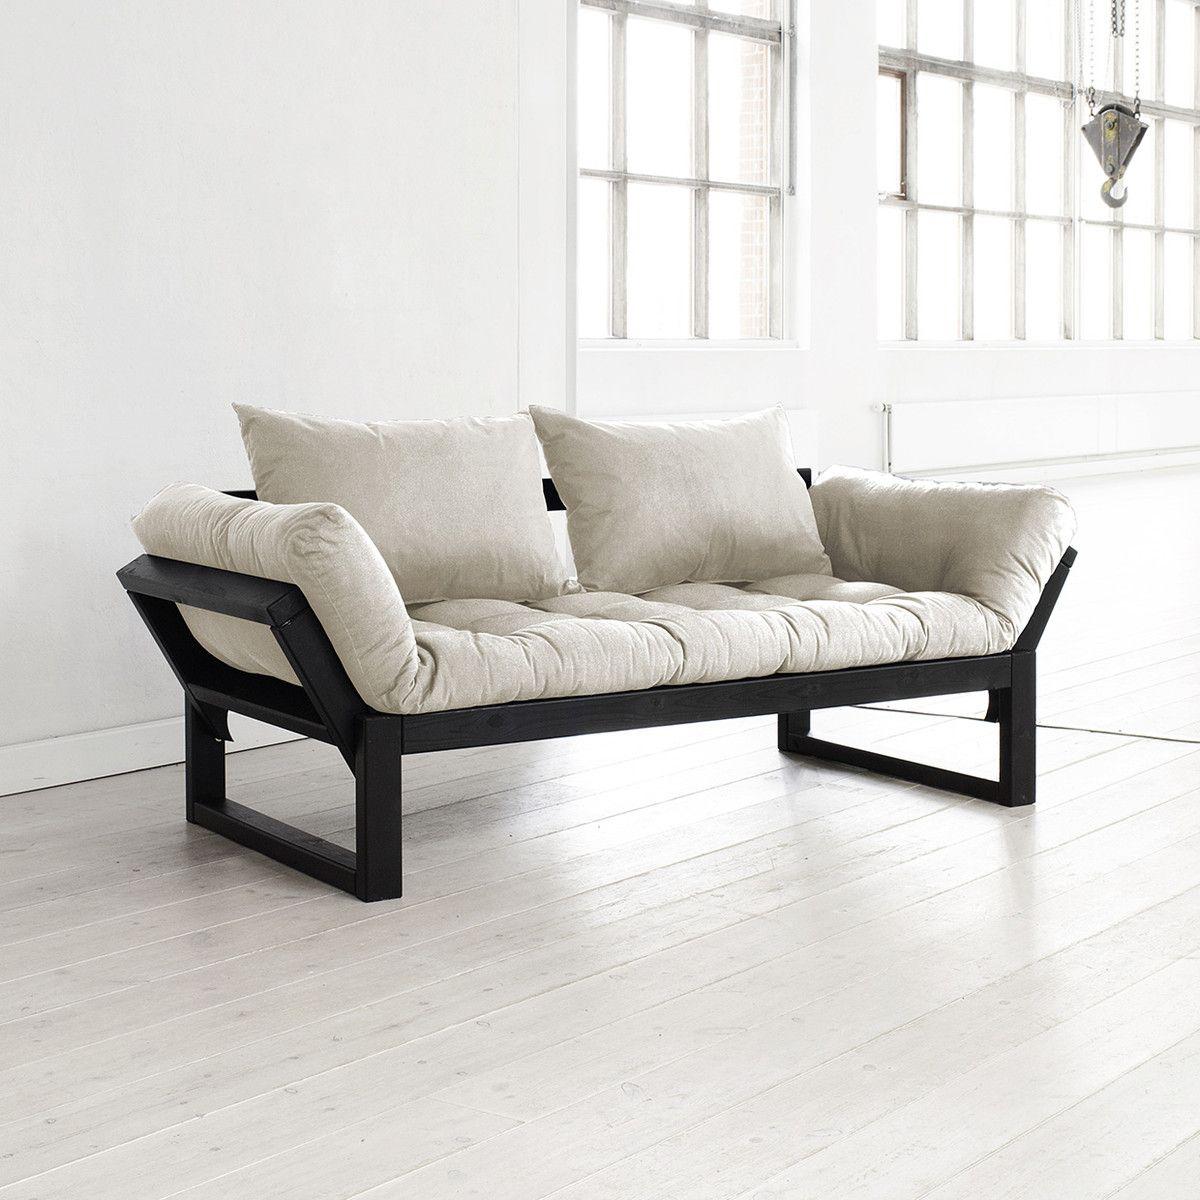 Edge Sofa Rozkładana Z Materacem Futon I Poduszkami Karup Meble